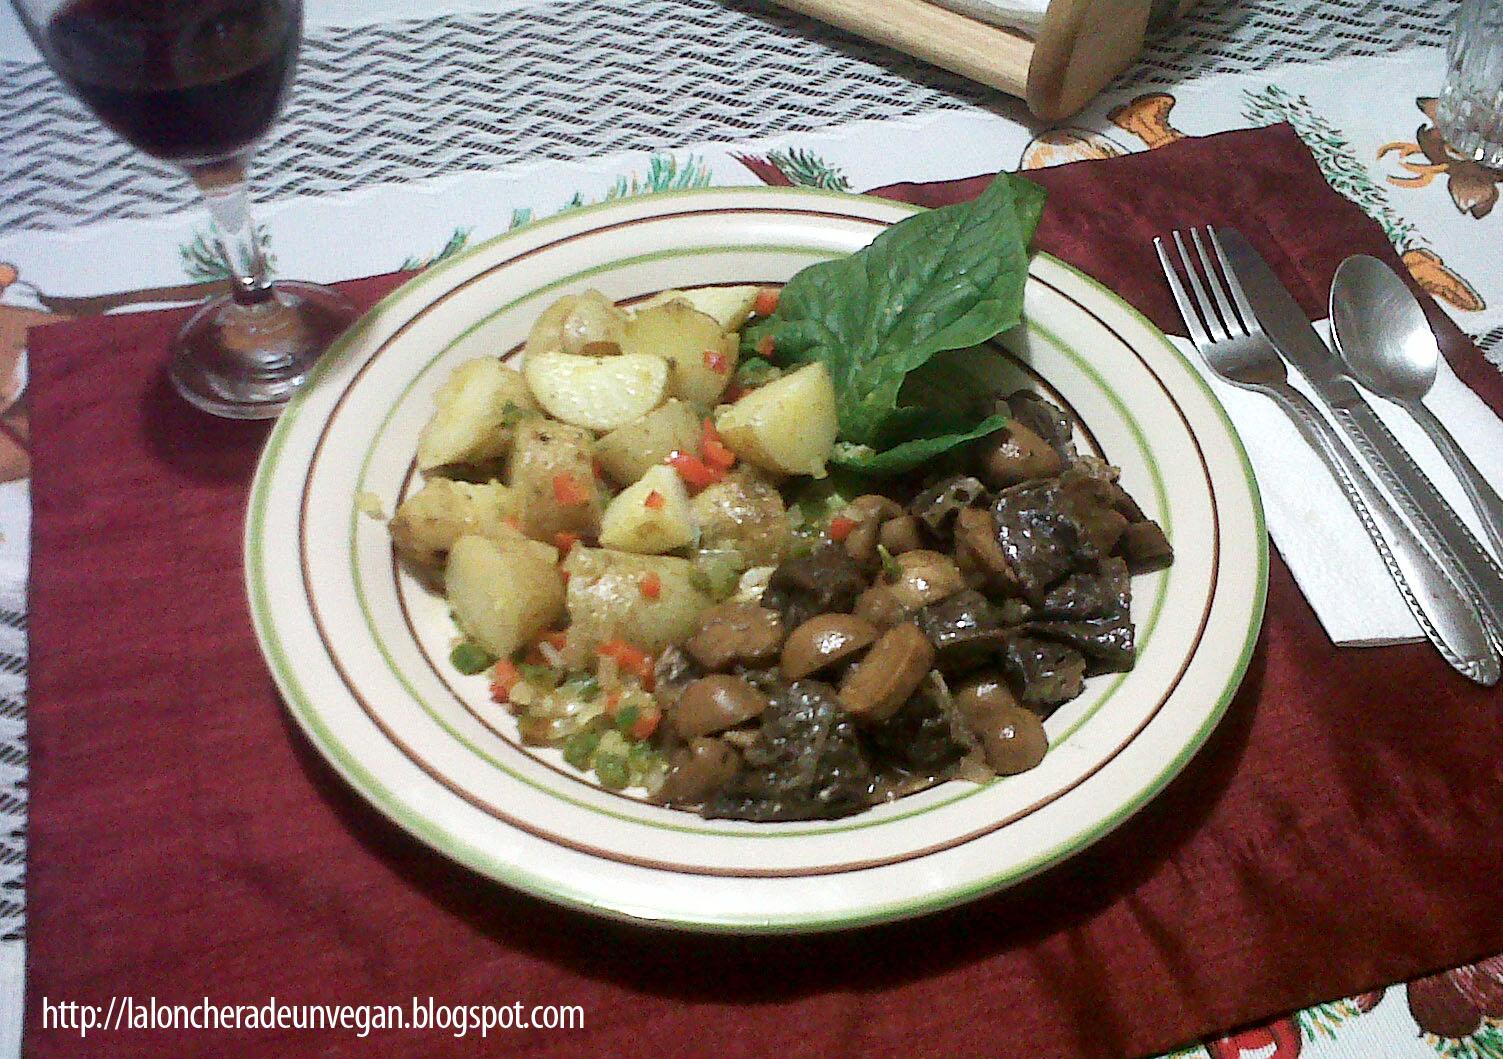 Comida vegana casera y facil de hacer cena de navidad vegana - Comida para navidad facil ...